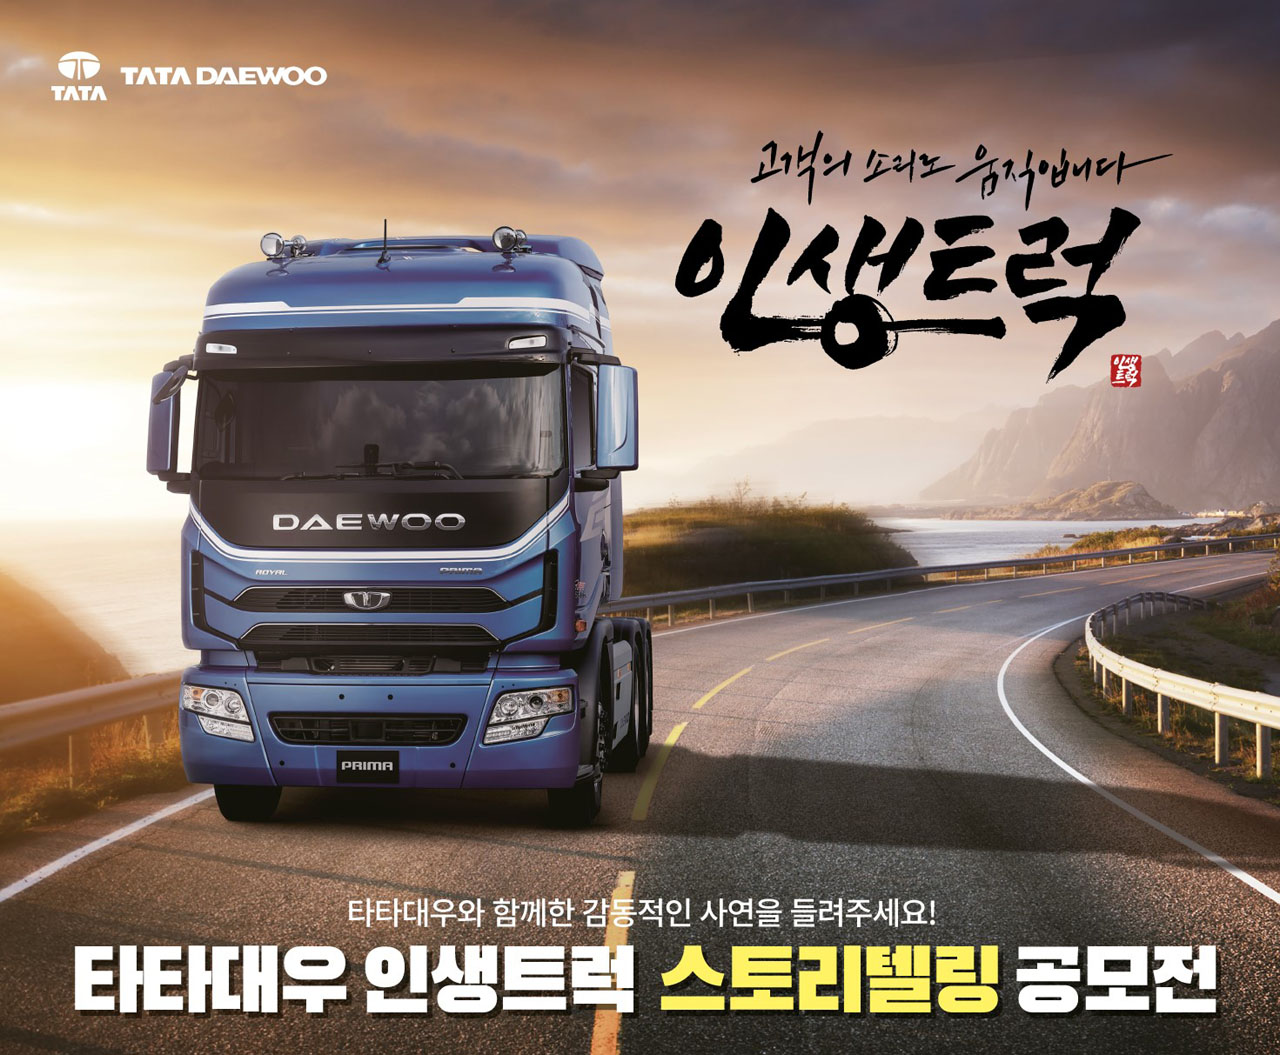 [타타대우상용차] 인생트럭 스토리텔링 공모전 개최